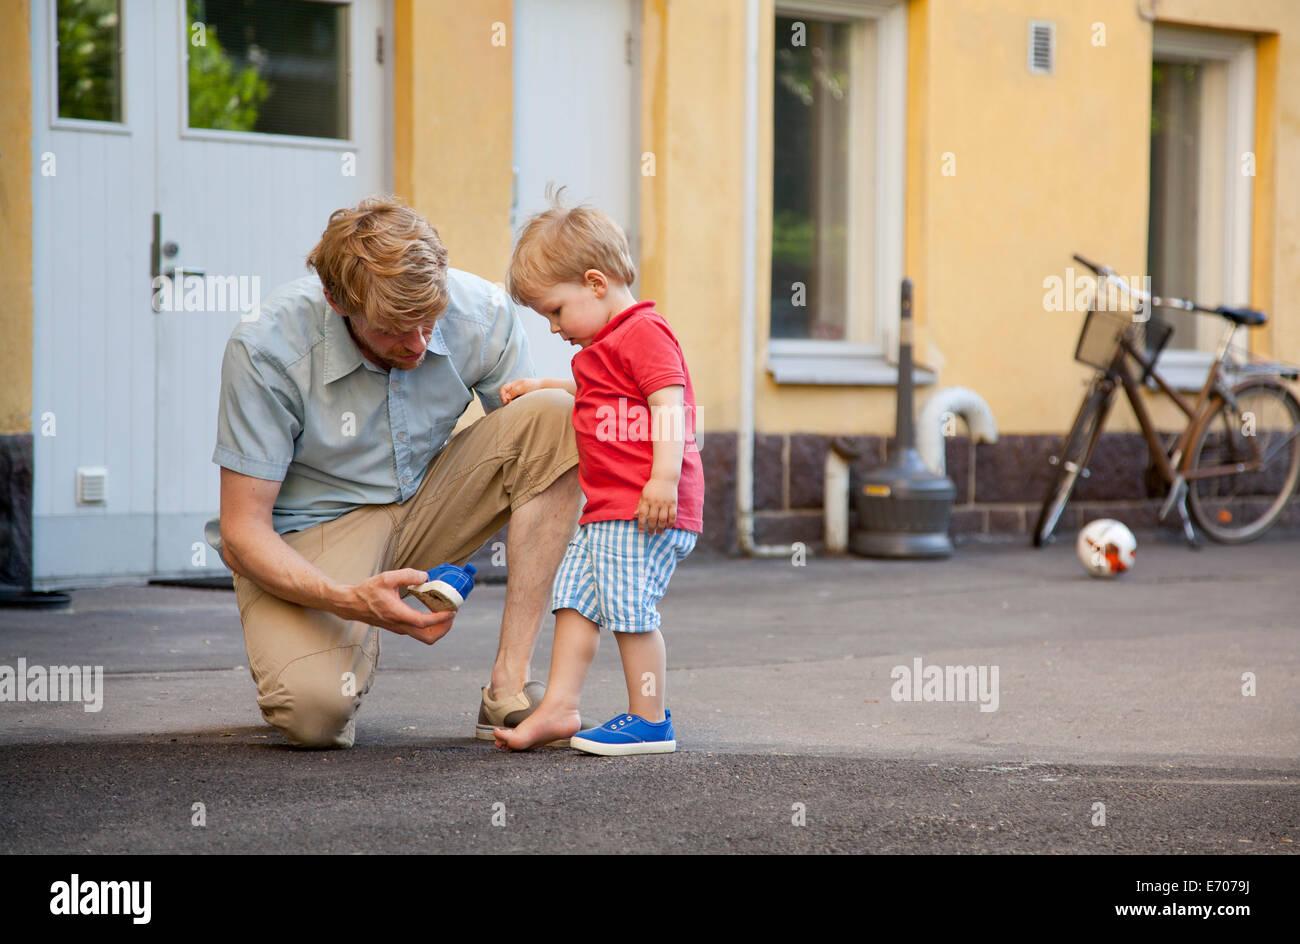 Padre de un hijo pequeño dando una mano para poner el formador en el jardín Imagen De Stock